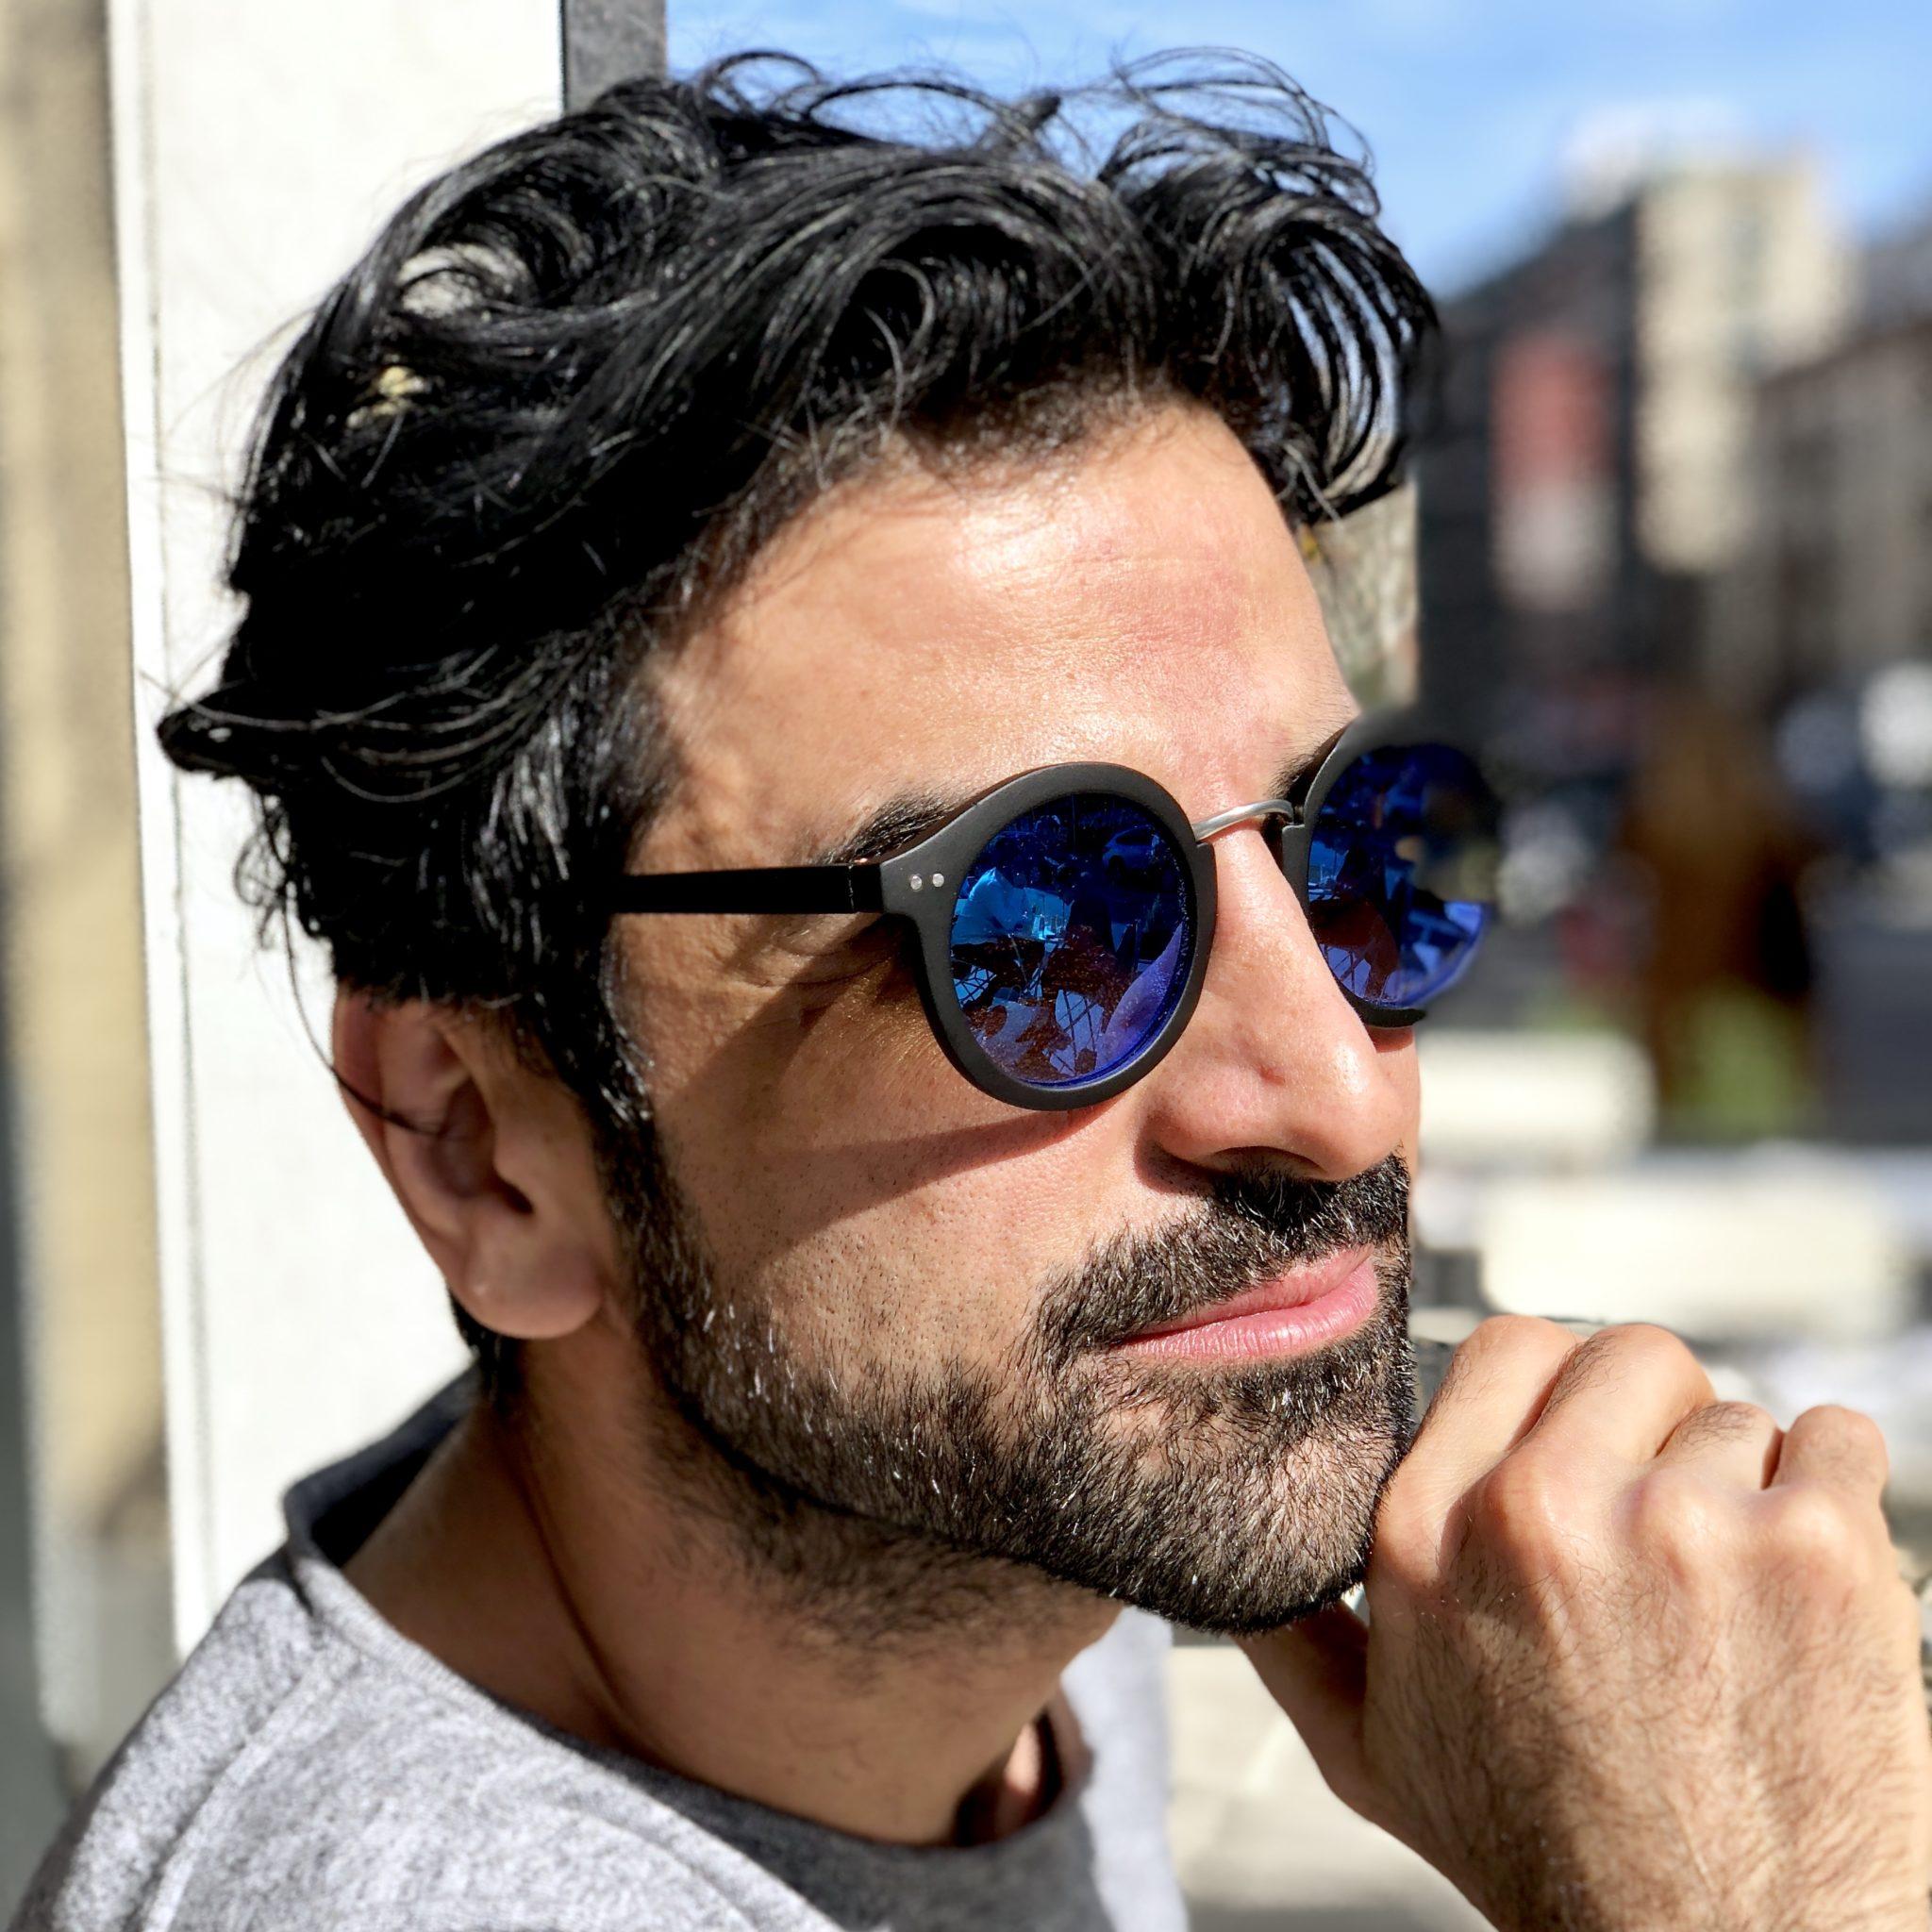 Founder and Leading Organizer - Amir Baradaran